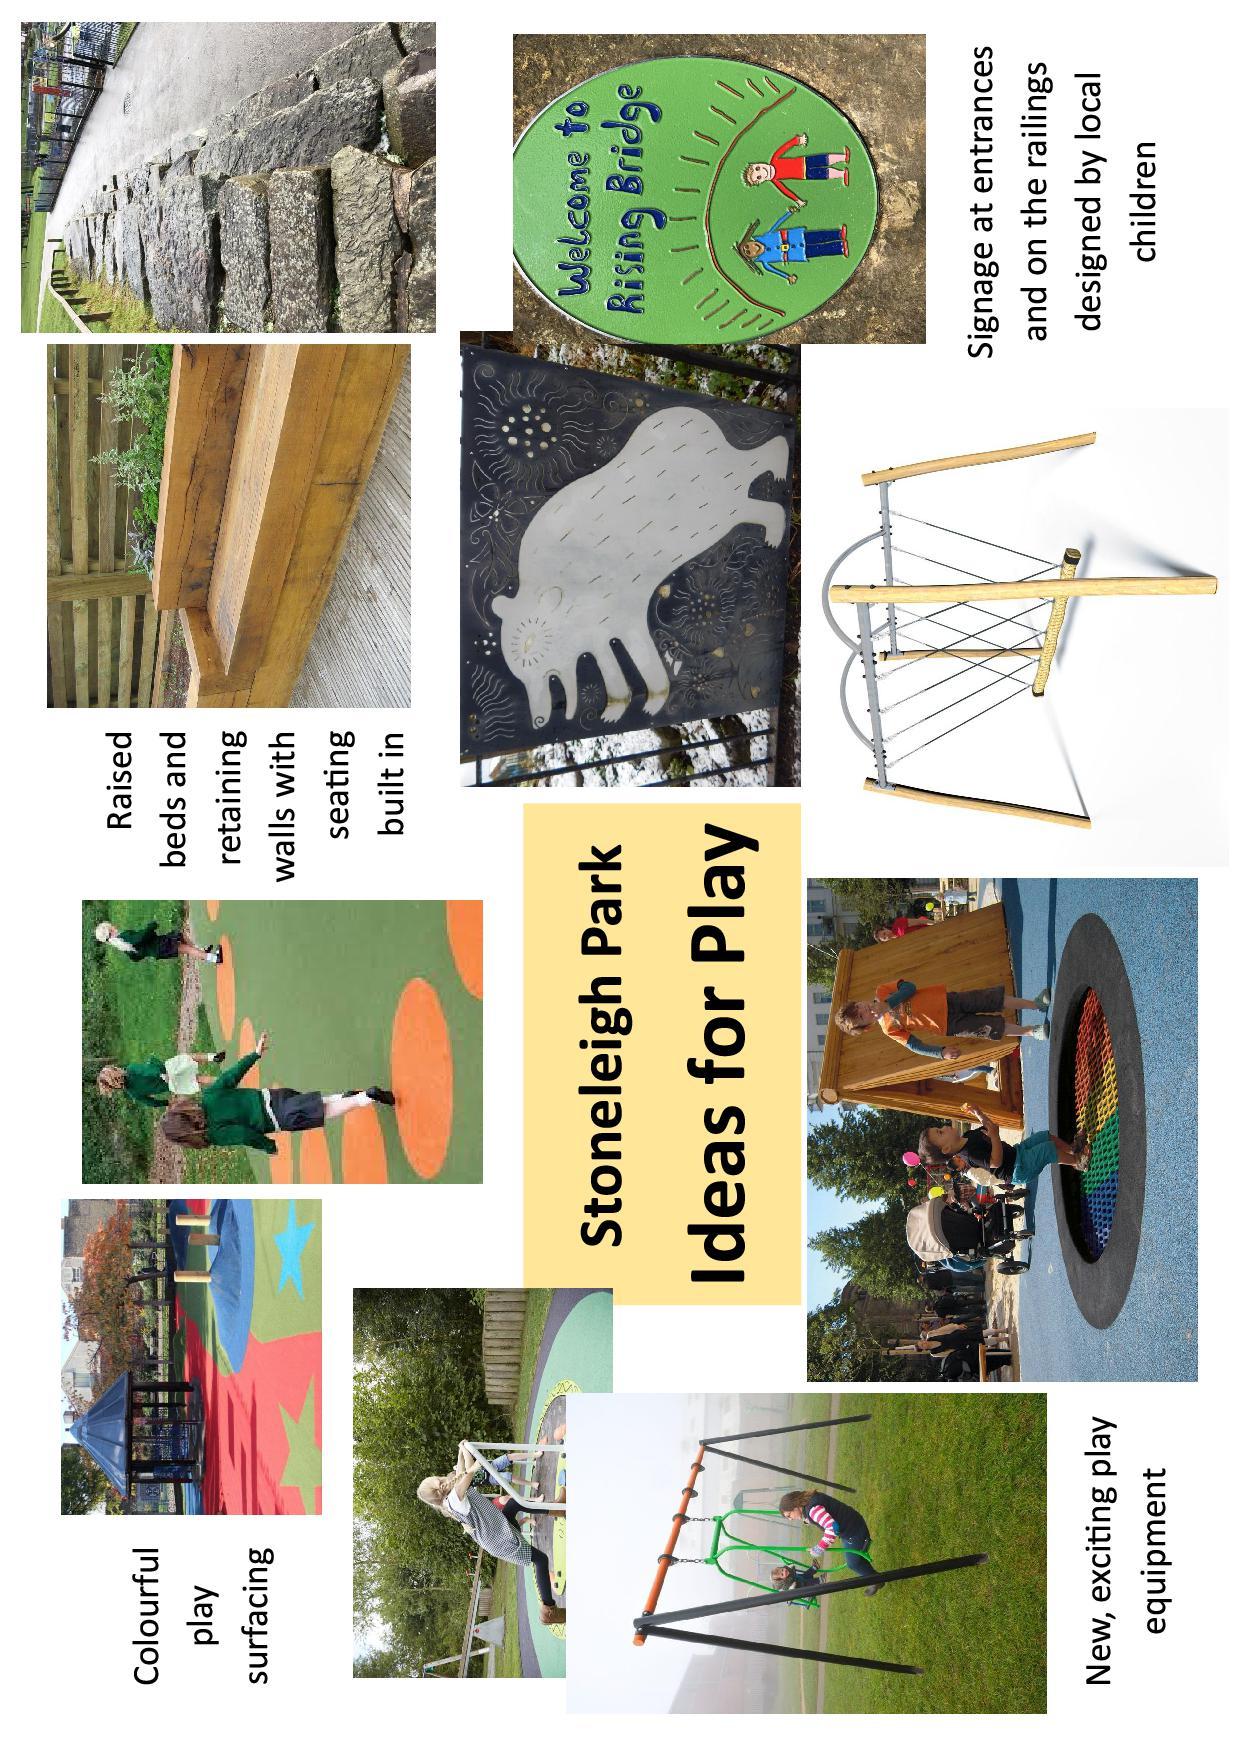 Stoneleigh Park Play Area Ideas